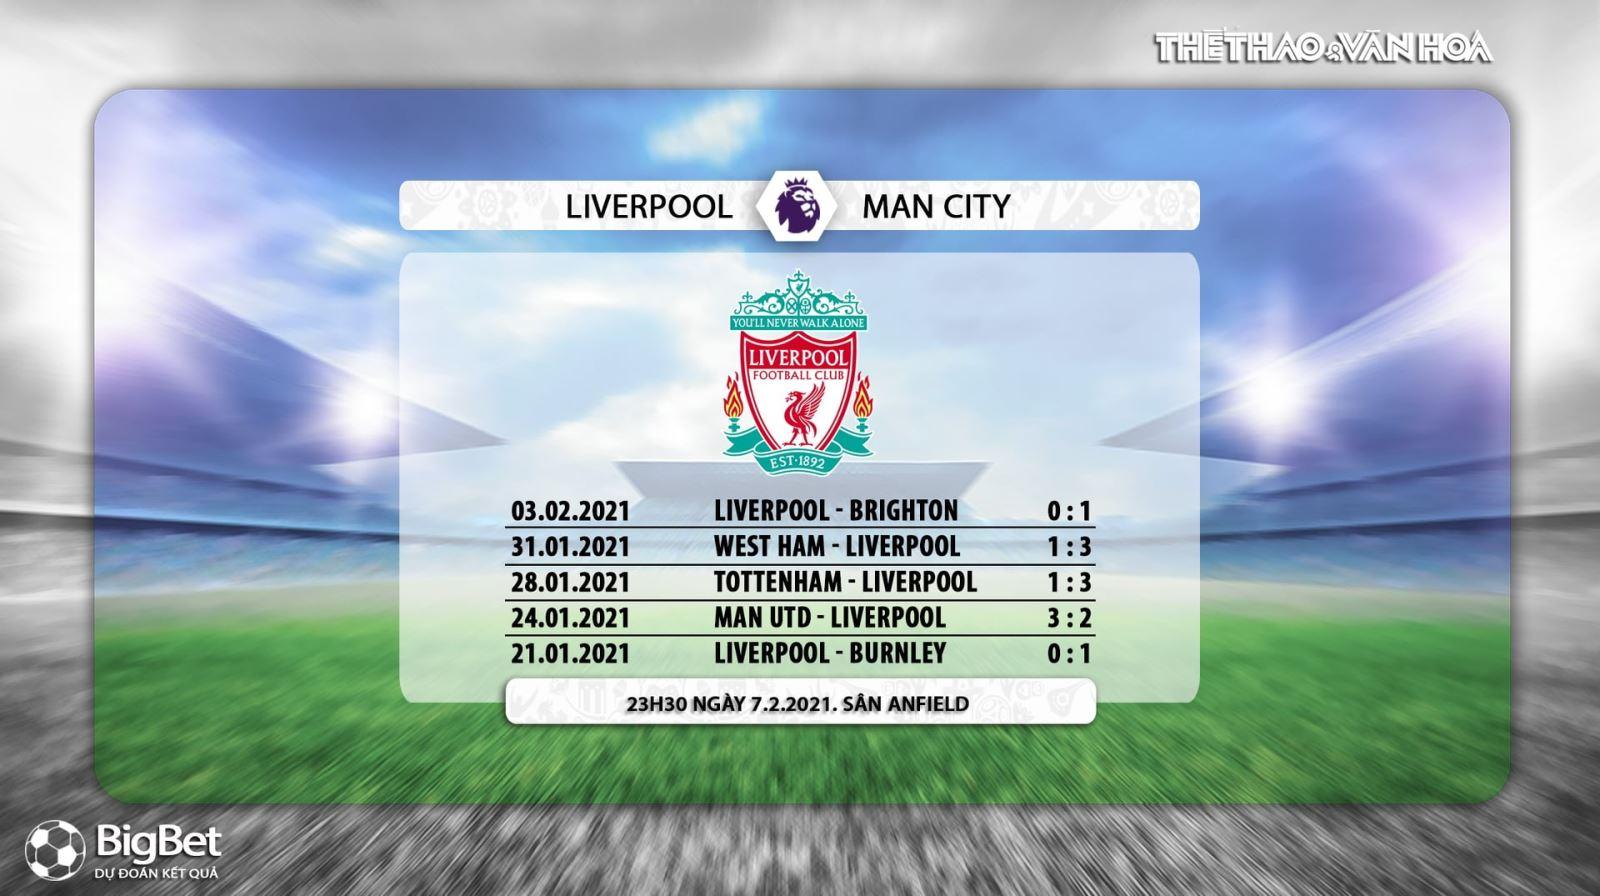 Keo nha cai,kèo nhà cái, Liverpool vs Man City, trực tiếp Ngoại hạng Anh, Trực tiếp K+PM, Trực tiếp bóng đá, Trực tiếp Liverpool đấu với Man City, Kèo bóng đá Liverpool